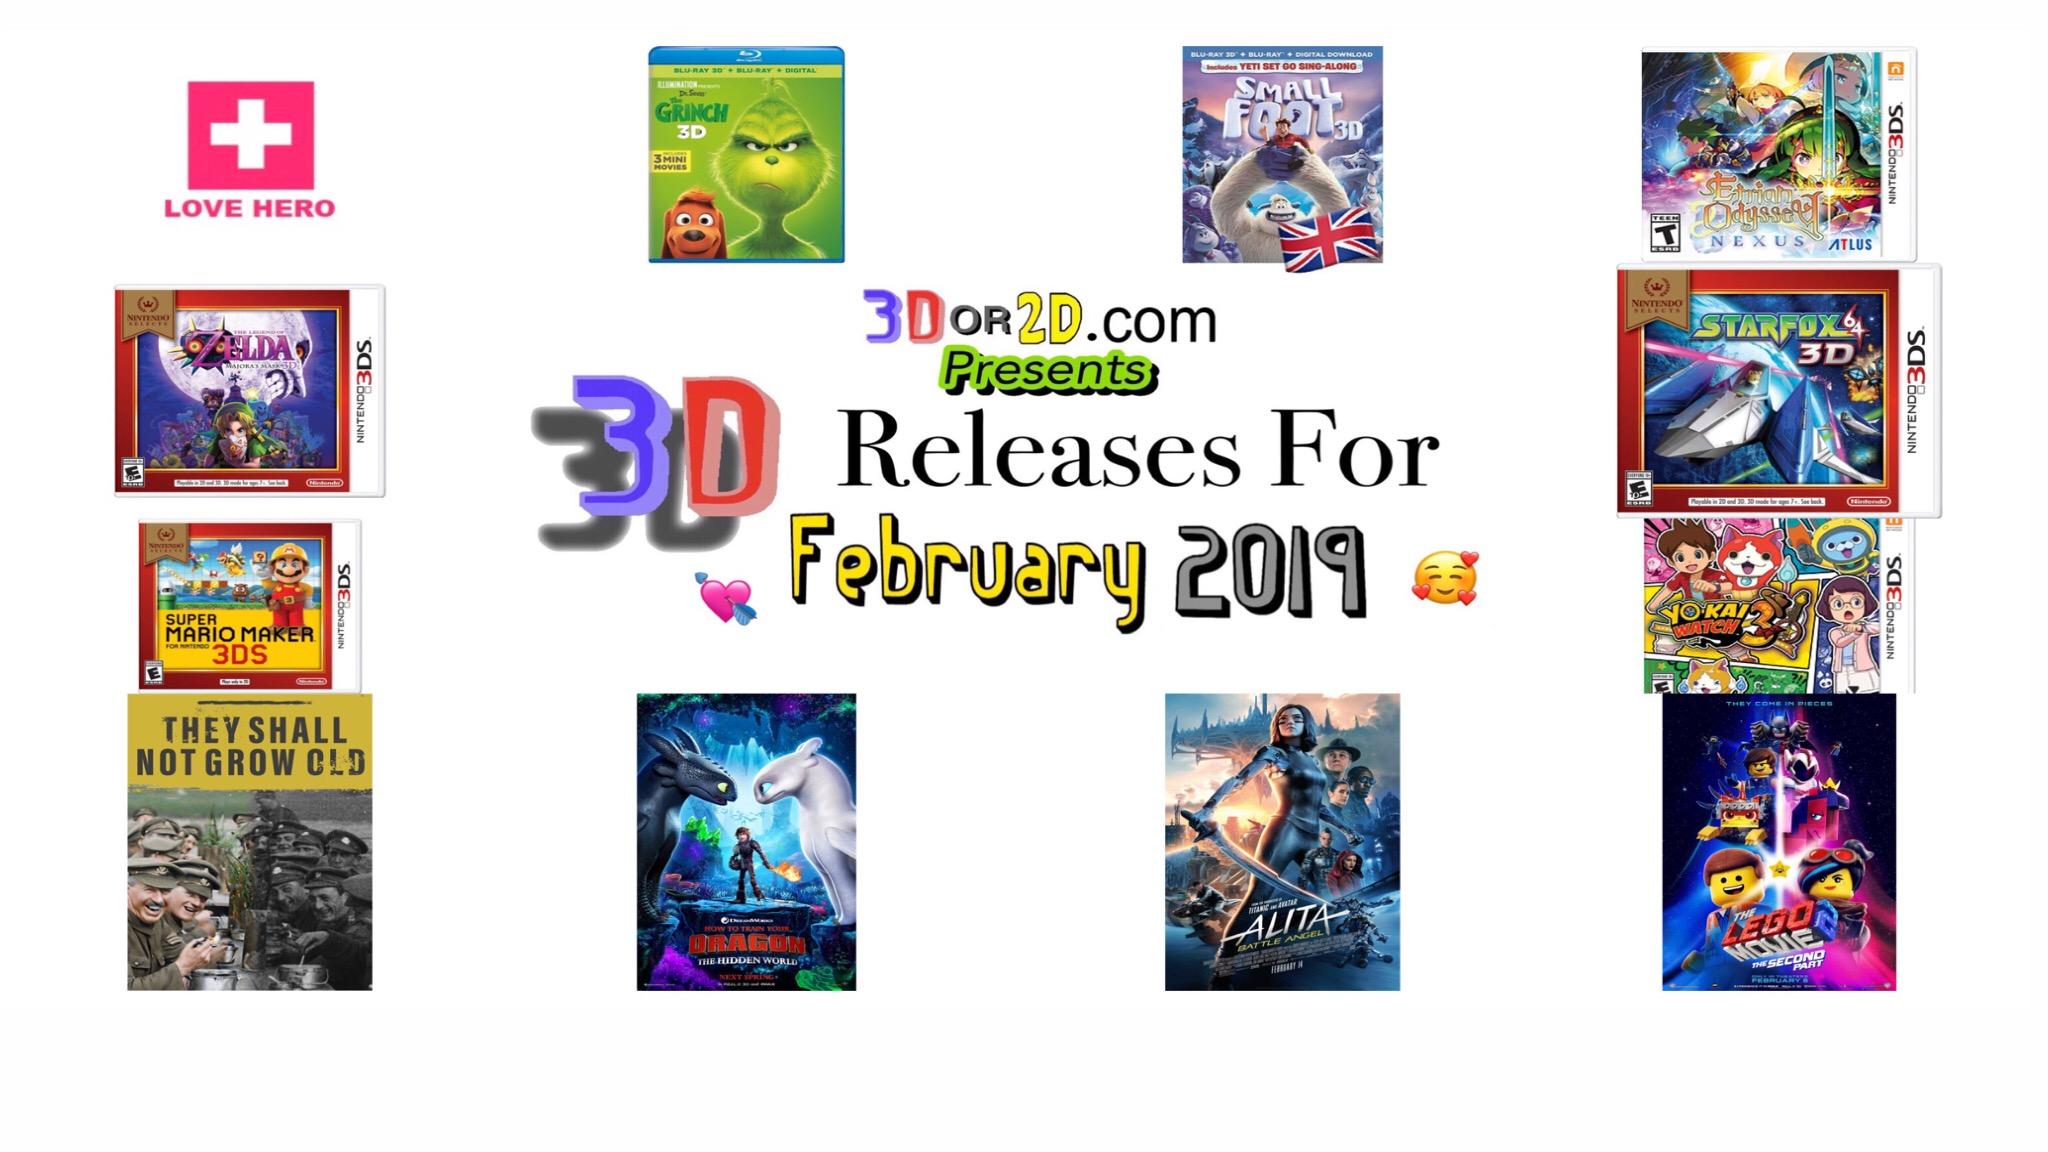 3D Releases for February 2019 — 3Dor2D com